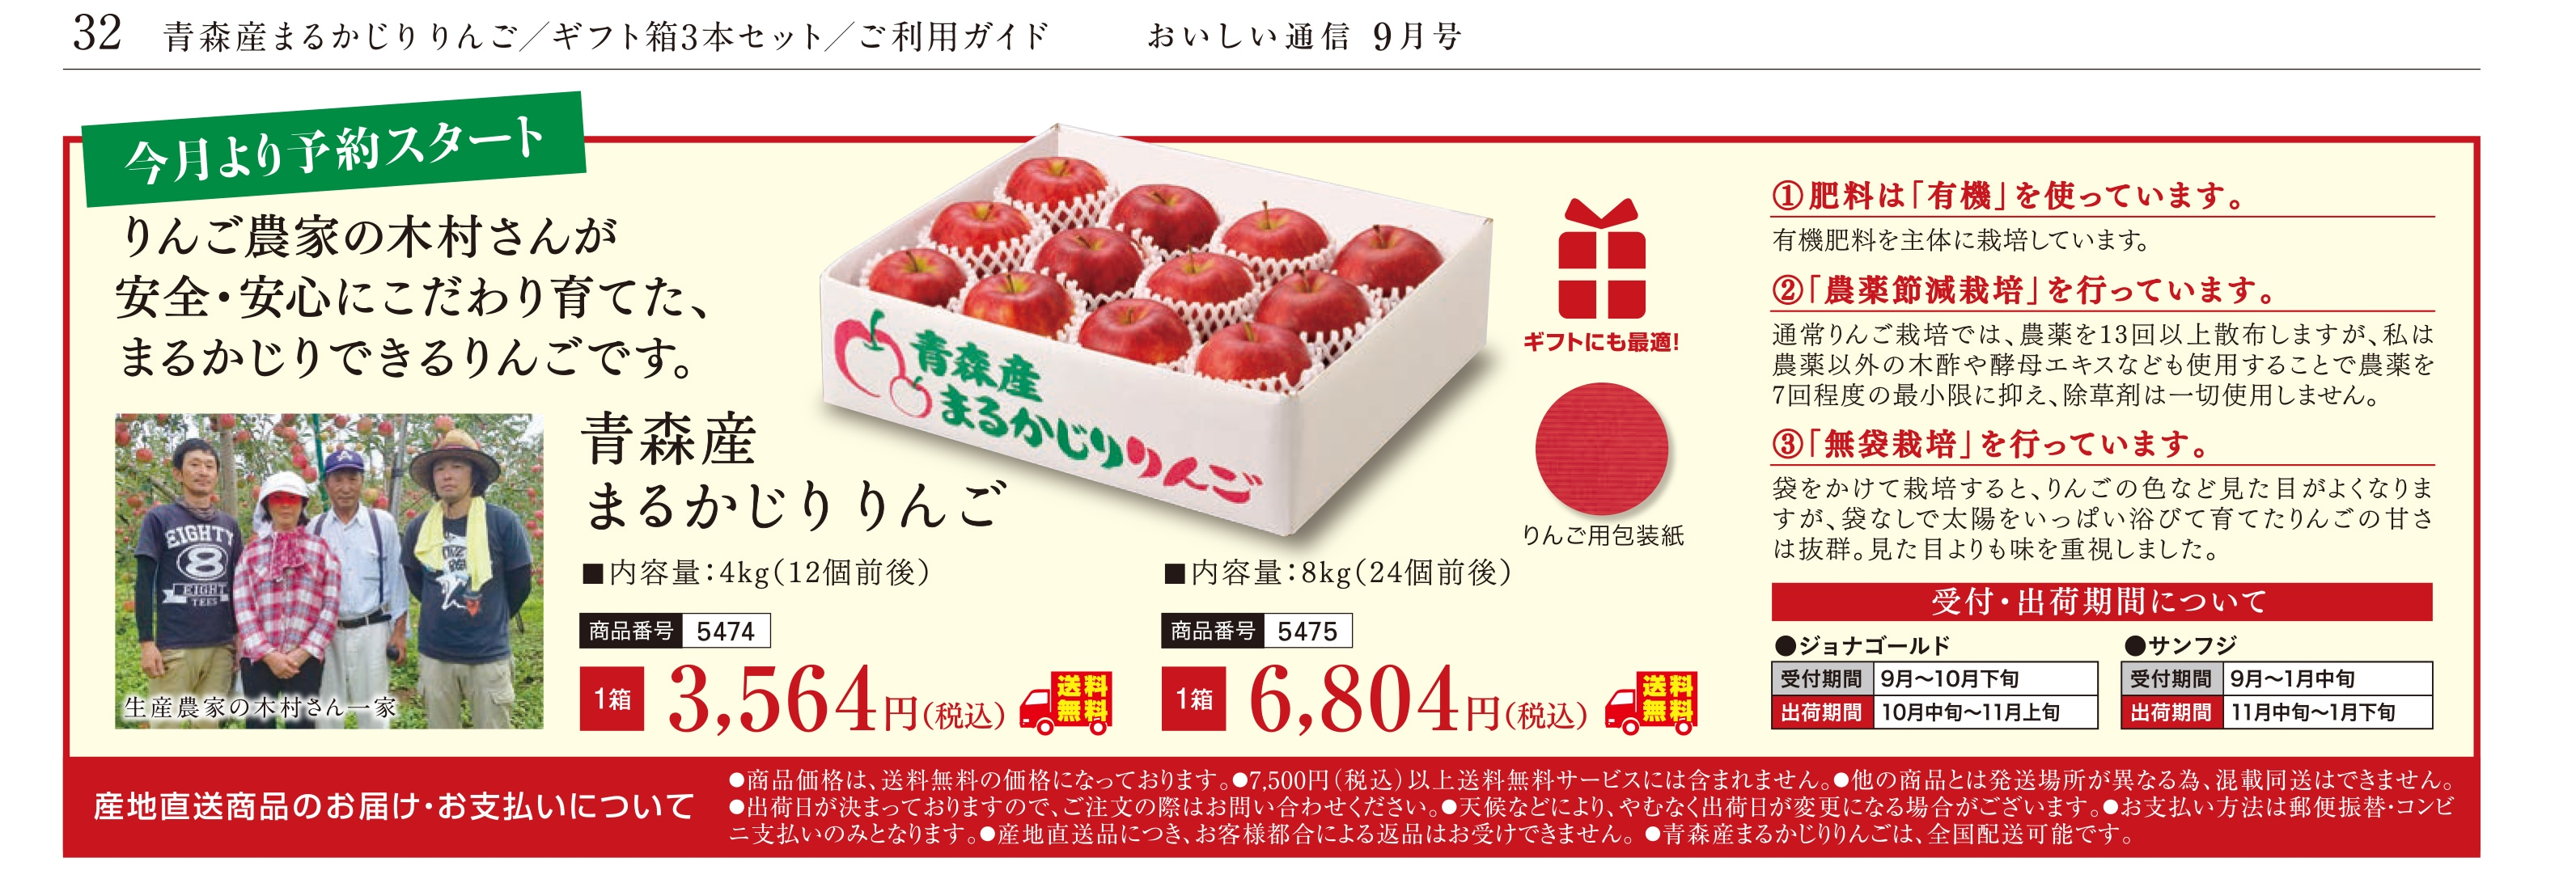 青森産丸かじりりんご